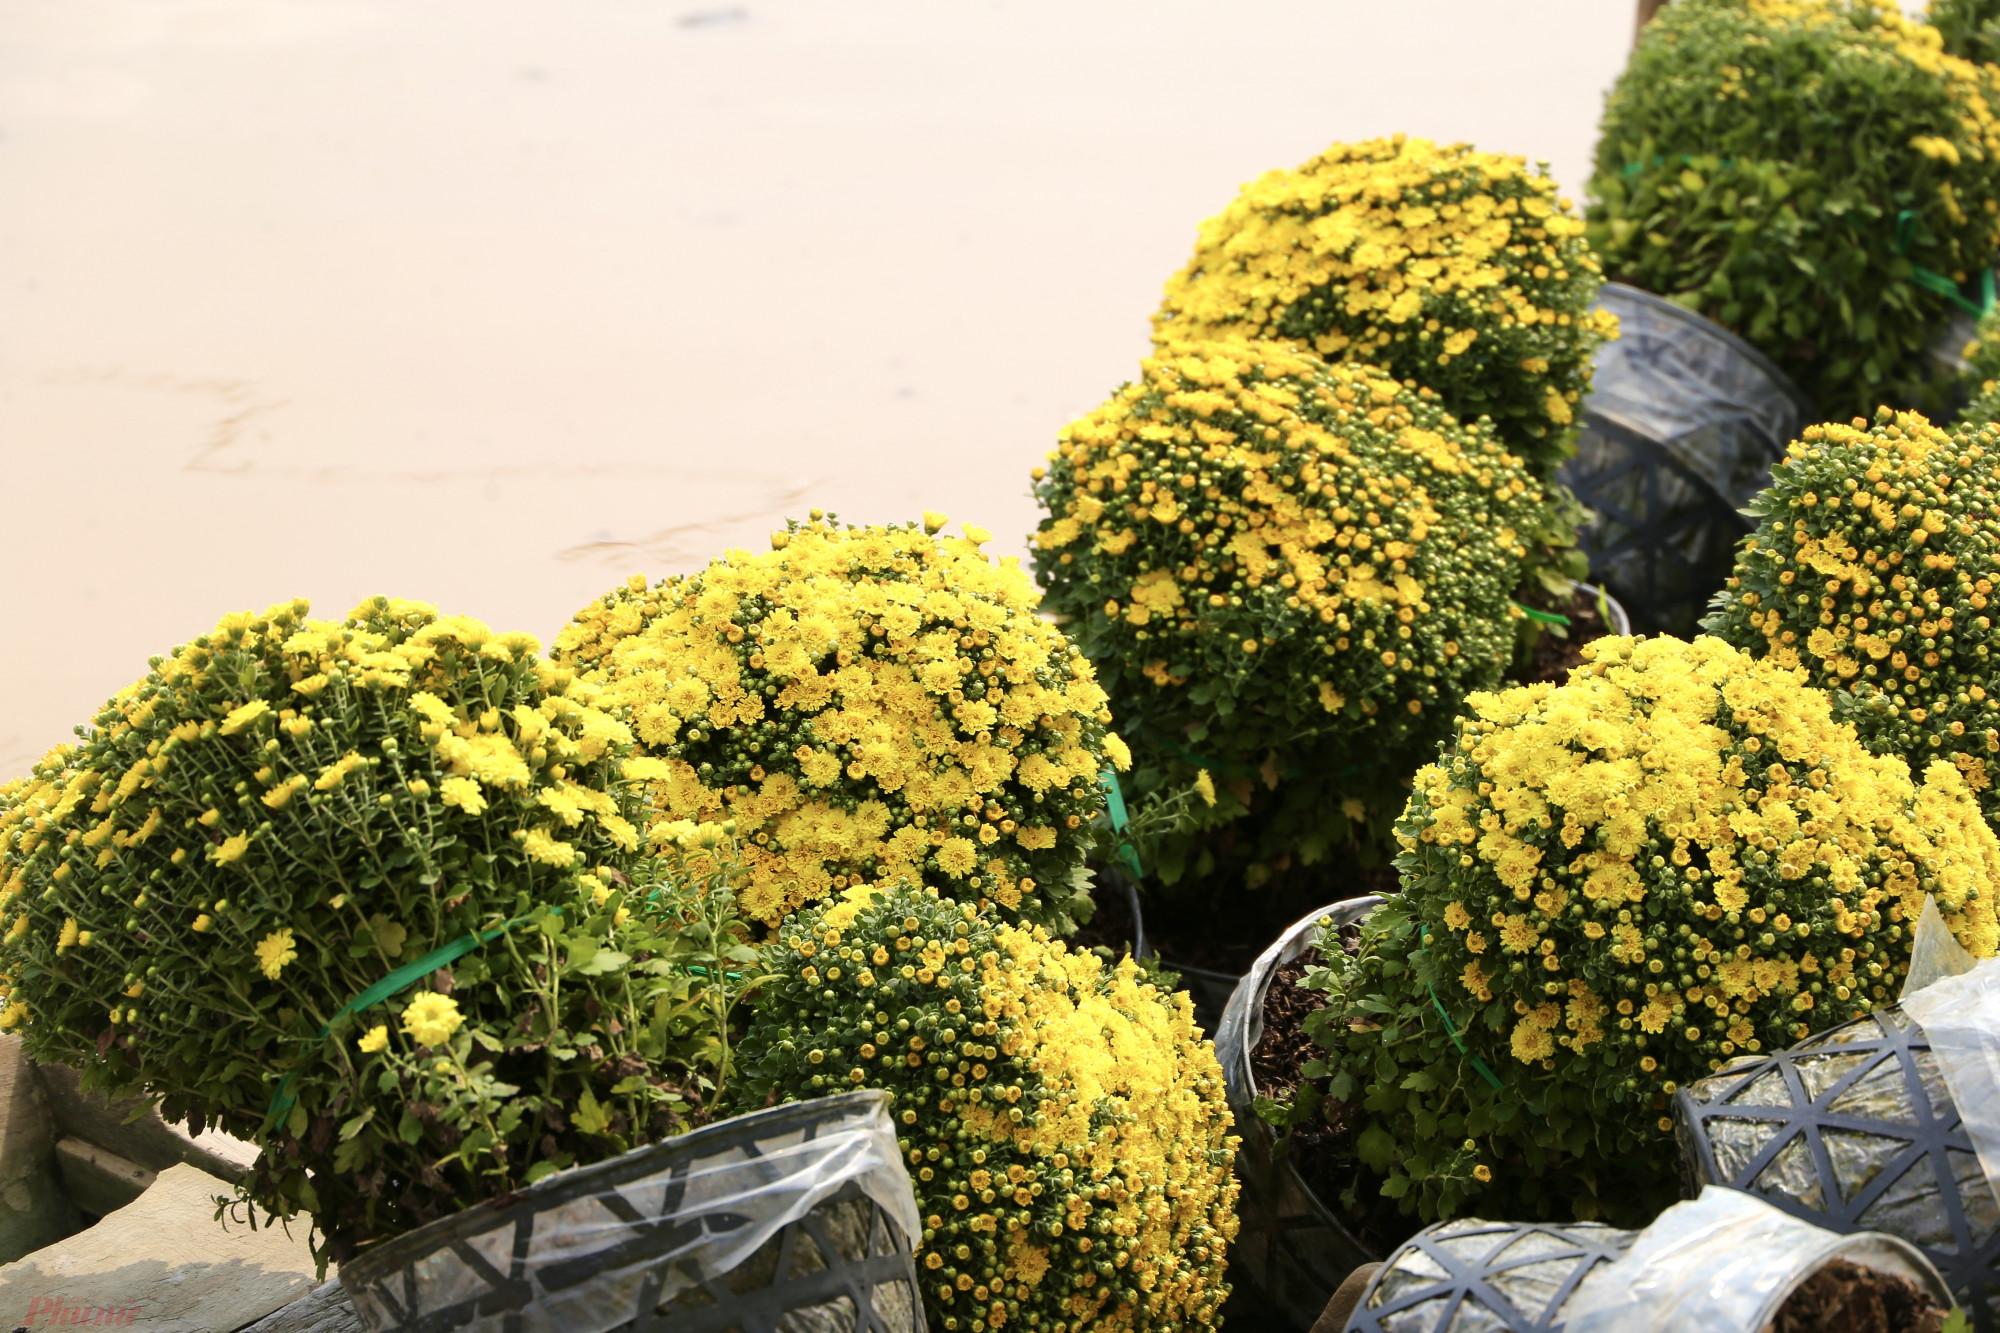 Là một trong những loại hoa Tết có giá đắt đỏ nhưng cúc mâm xôi vẫn được ưa chuộng vì sống bền, thường chưng được hơn 1 tháng. Ngoài ra, sắc vàng tươi cùng kiểu dáng đặc trưng của chúng cũng khiến người chơi hoa kiểng thích thú trong dịp năm mới.